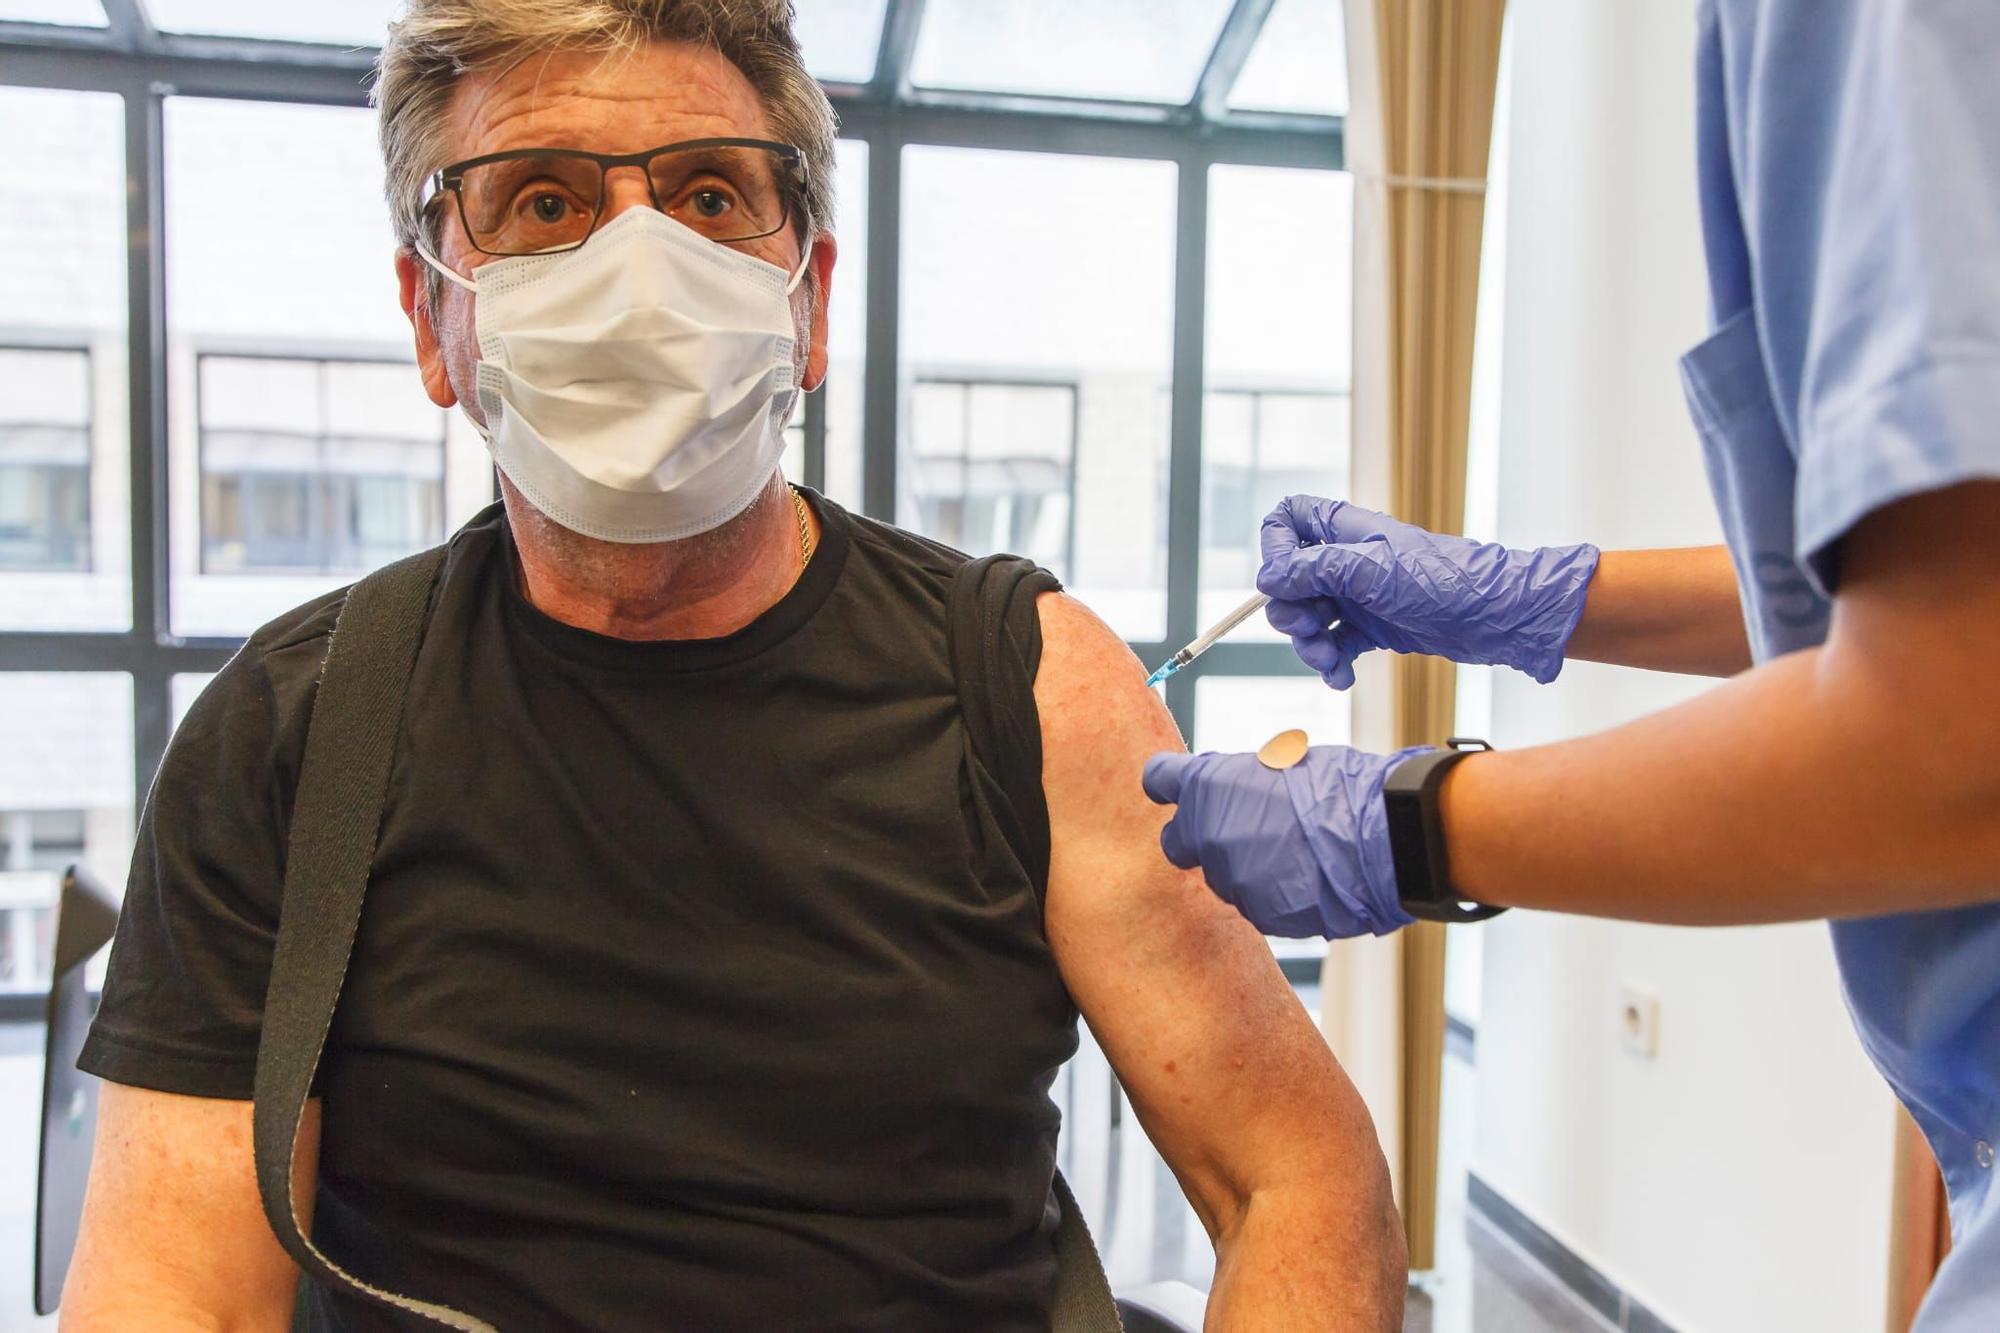 Inicio de la vacunación contra la COVID-19 con la vacuna de Jannsen